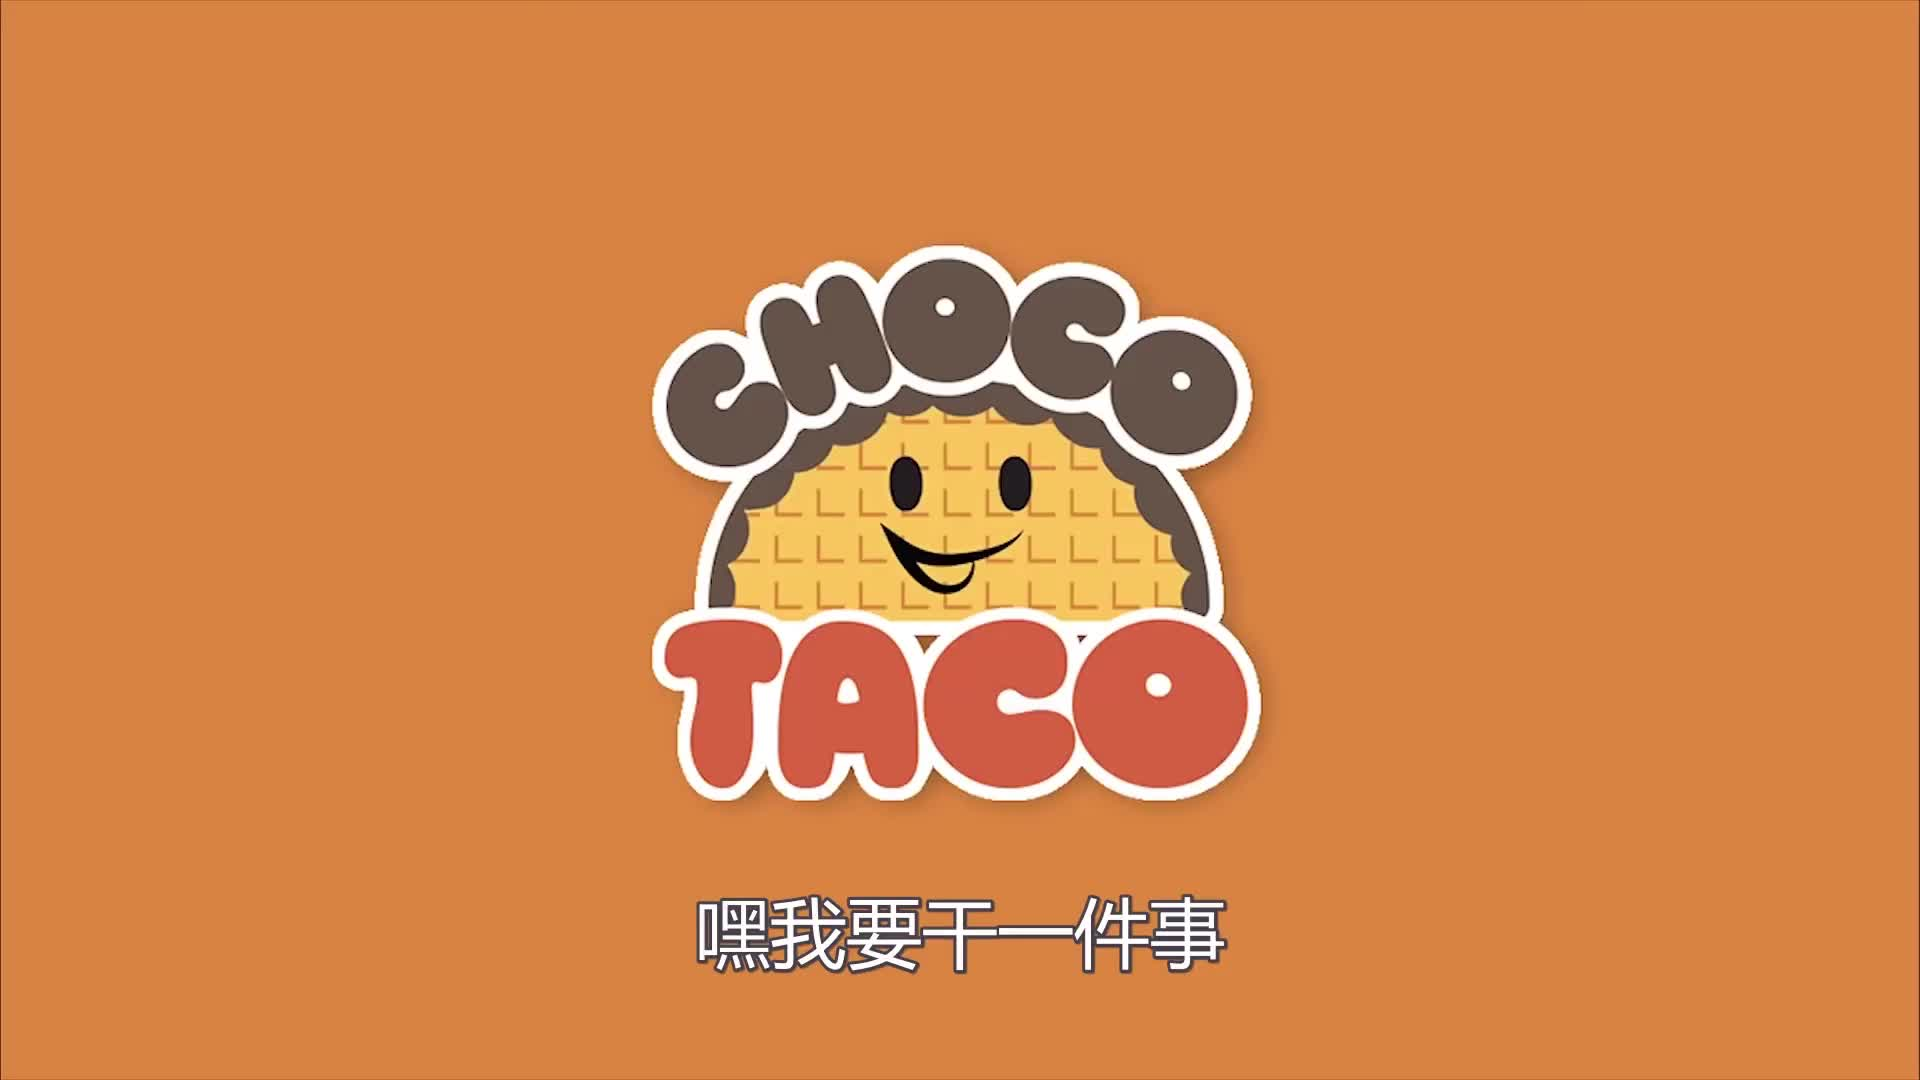 【绝地求生字幕】 chocoTaco遇到新BUG? 两辆车合体分都分不开